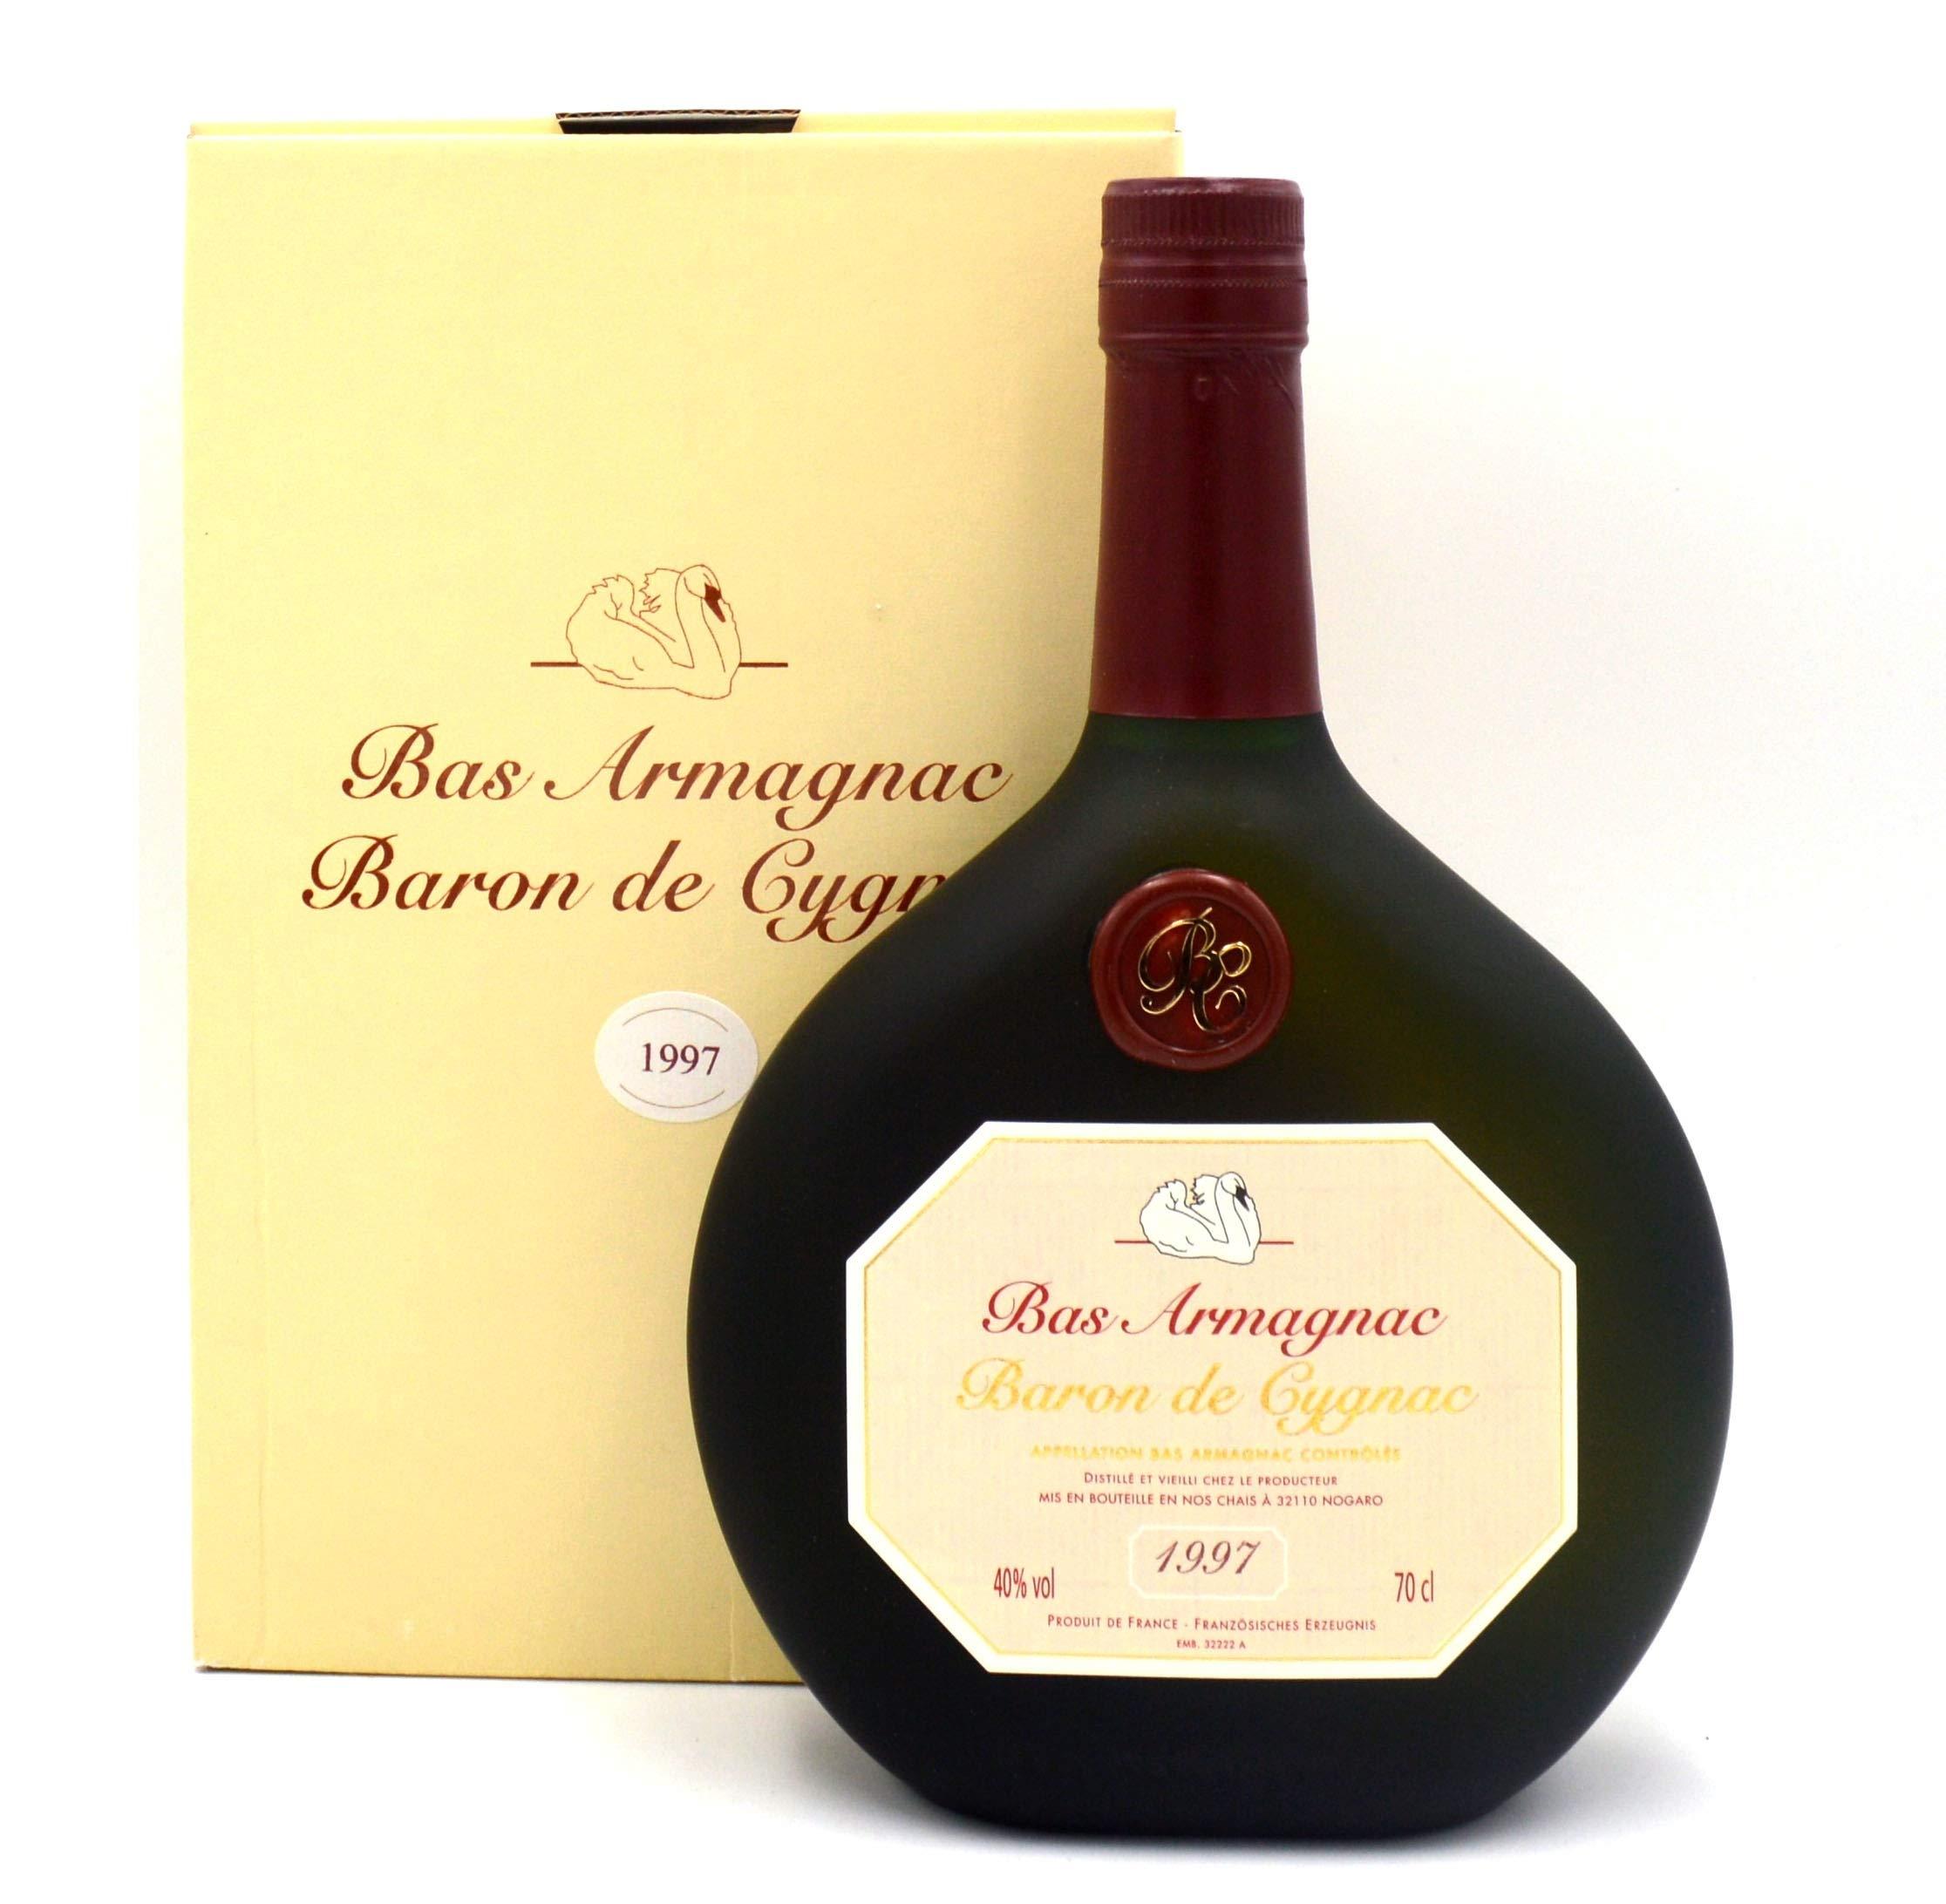 Raritt-Armagnac-Baron-de-Cygnac-07l-Jahrgang-1997-inkl-Geschenkkarton